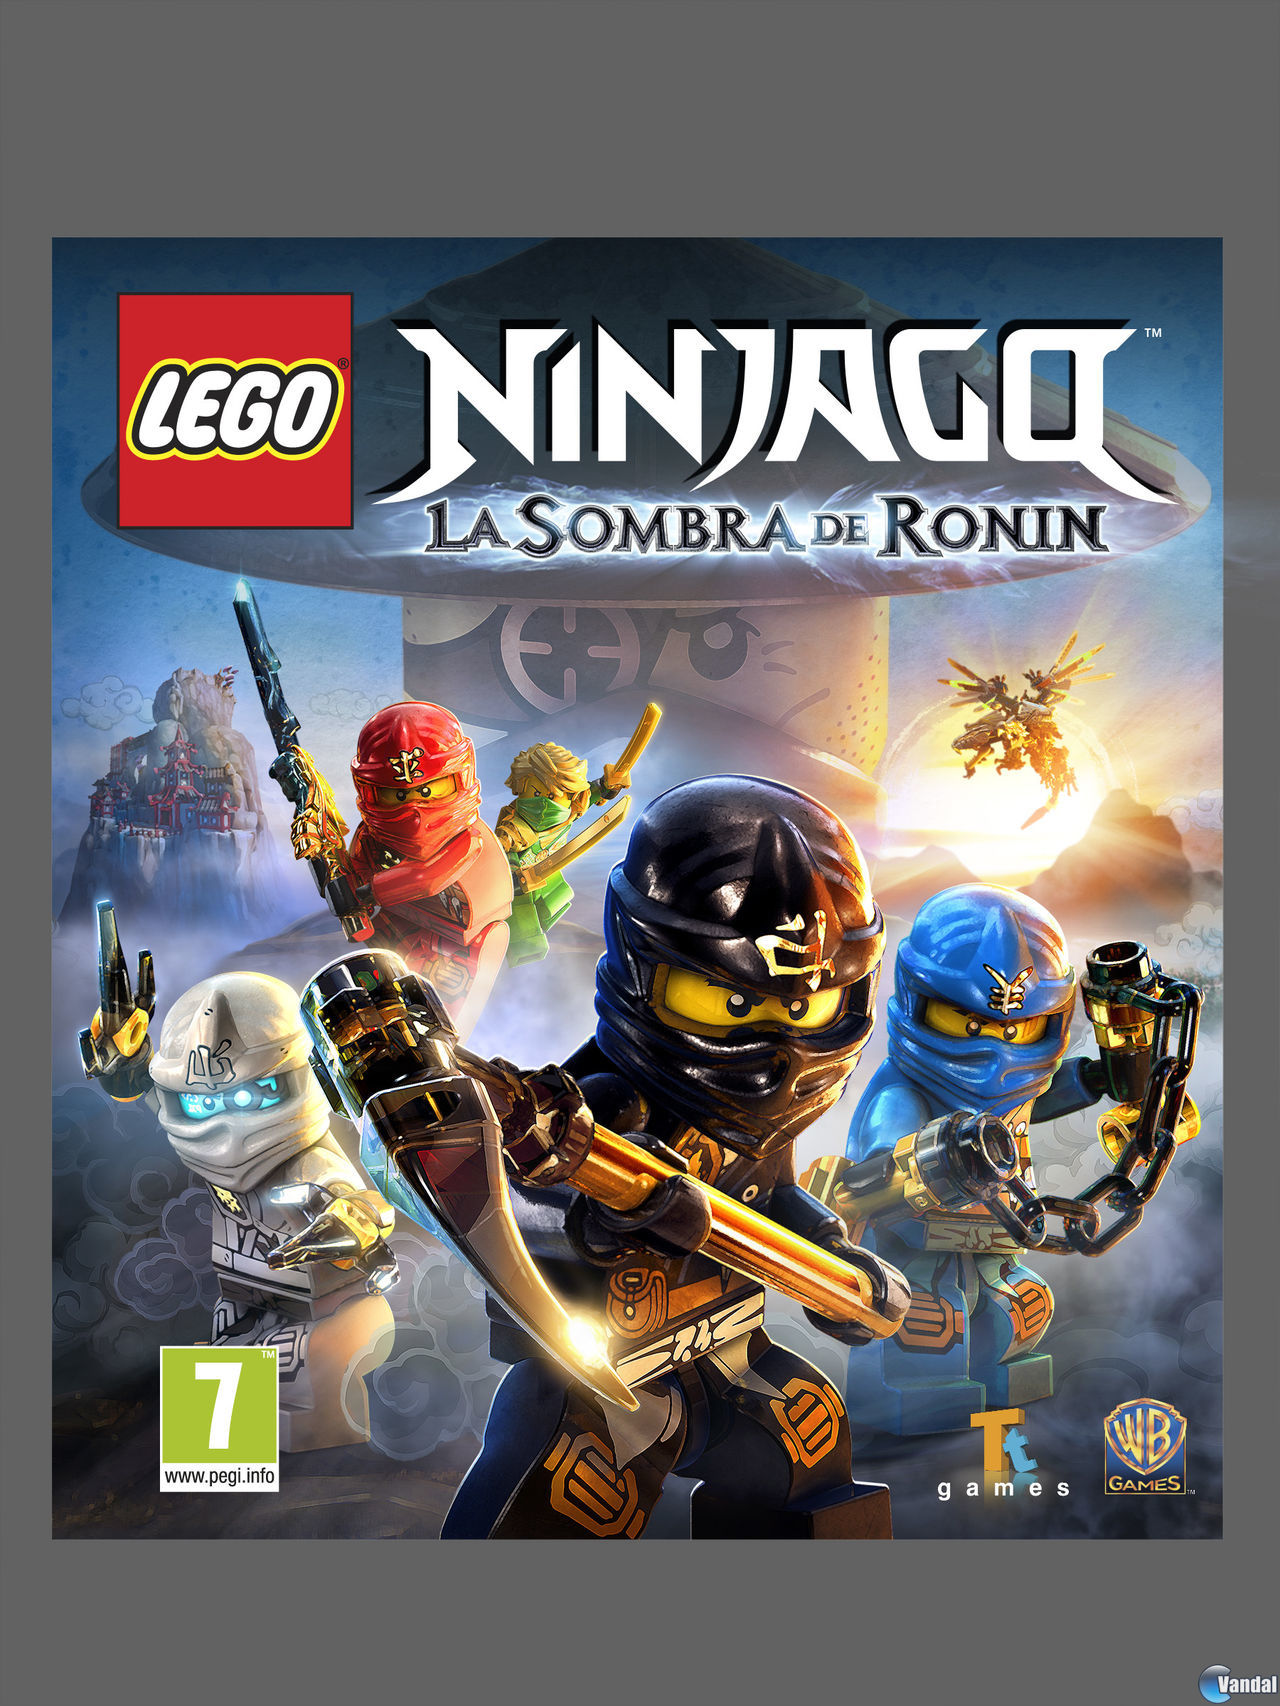 Desvelada La Portada De Lego Ninjago La Sombra De Ronin Vandal